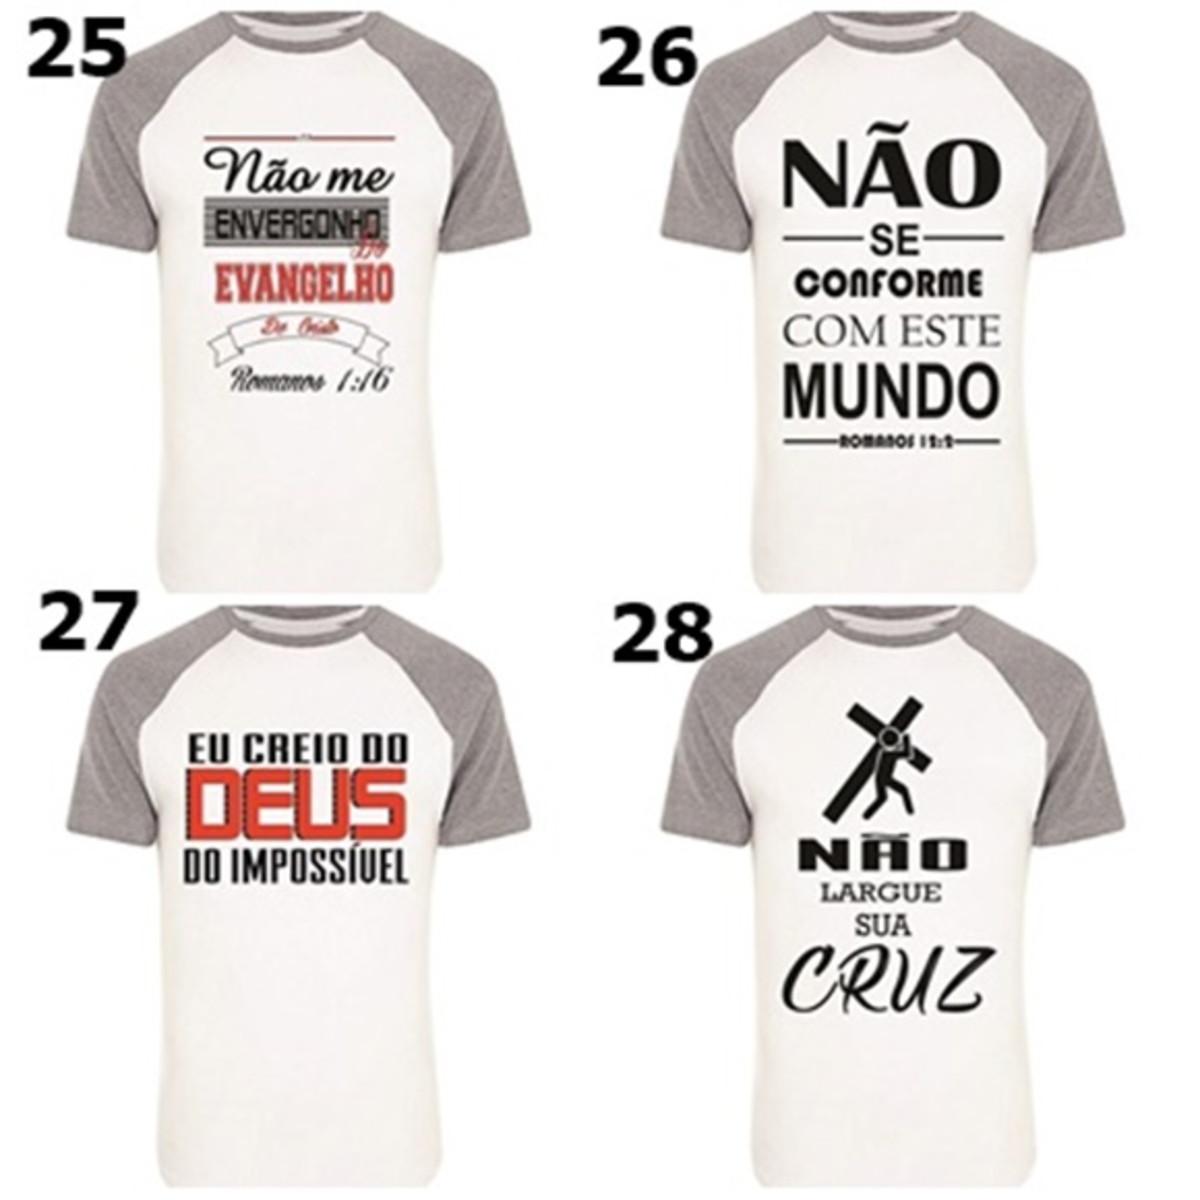 0add28005f987 5 camisas envagélicas com frases biblicas no Elo7